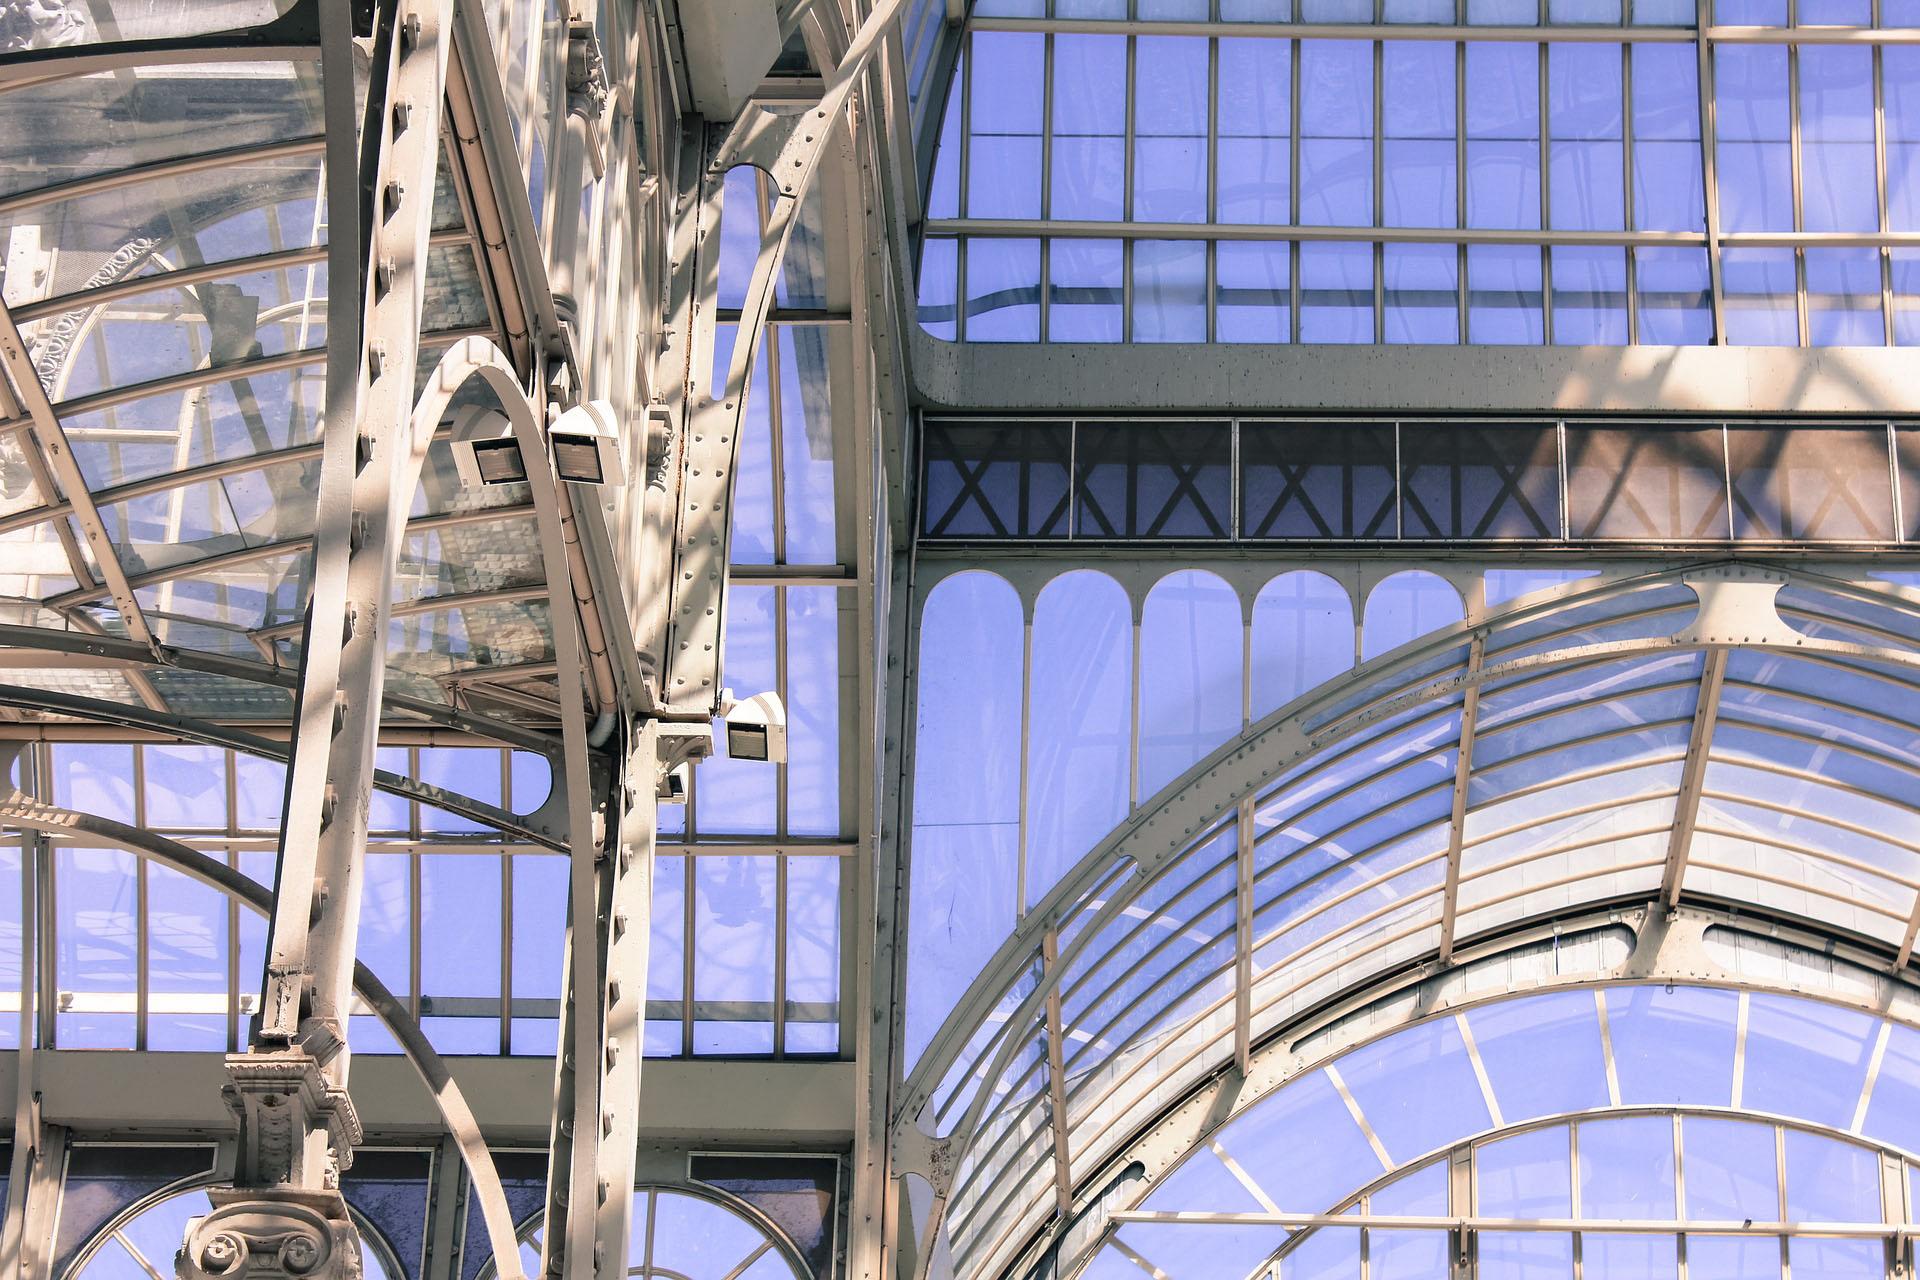 5 edifici in vetro e le loro storie straordinarie